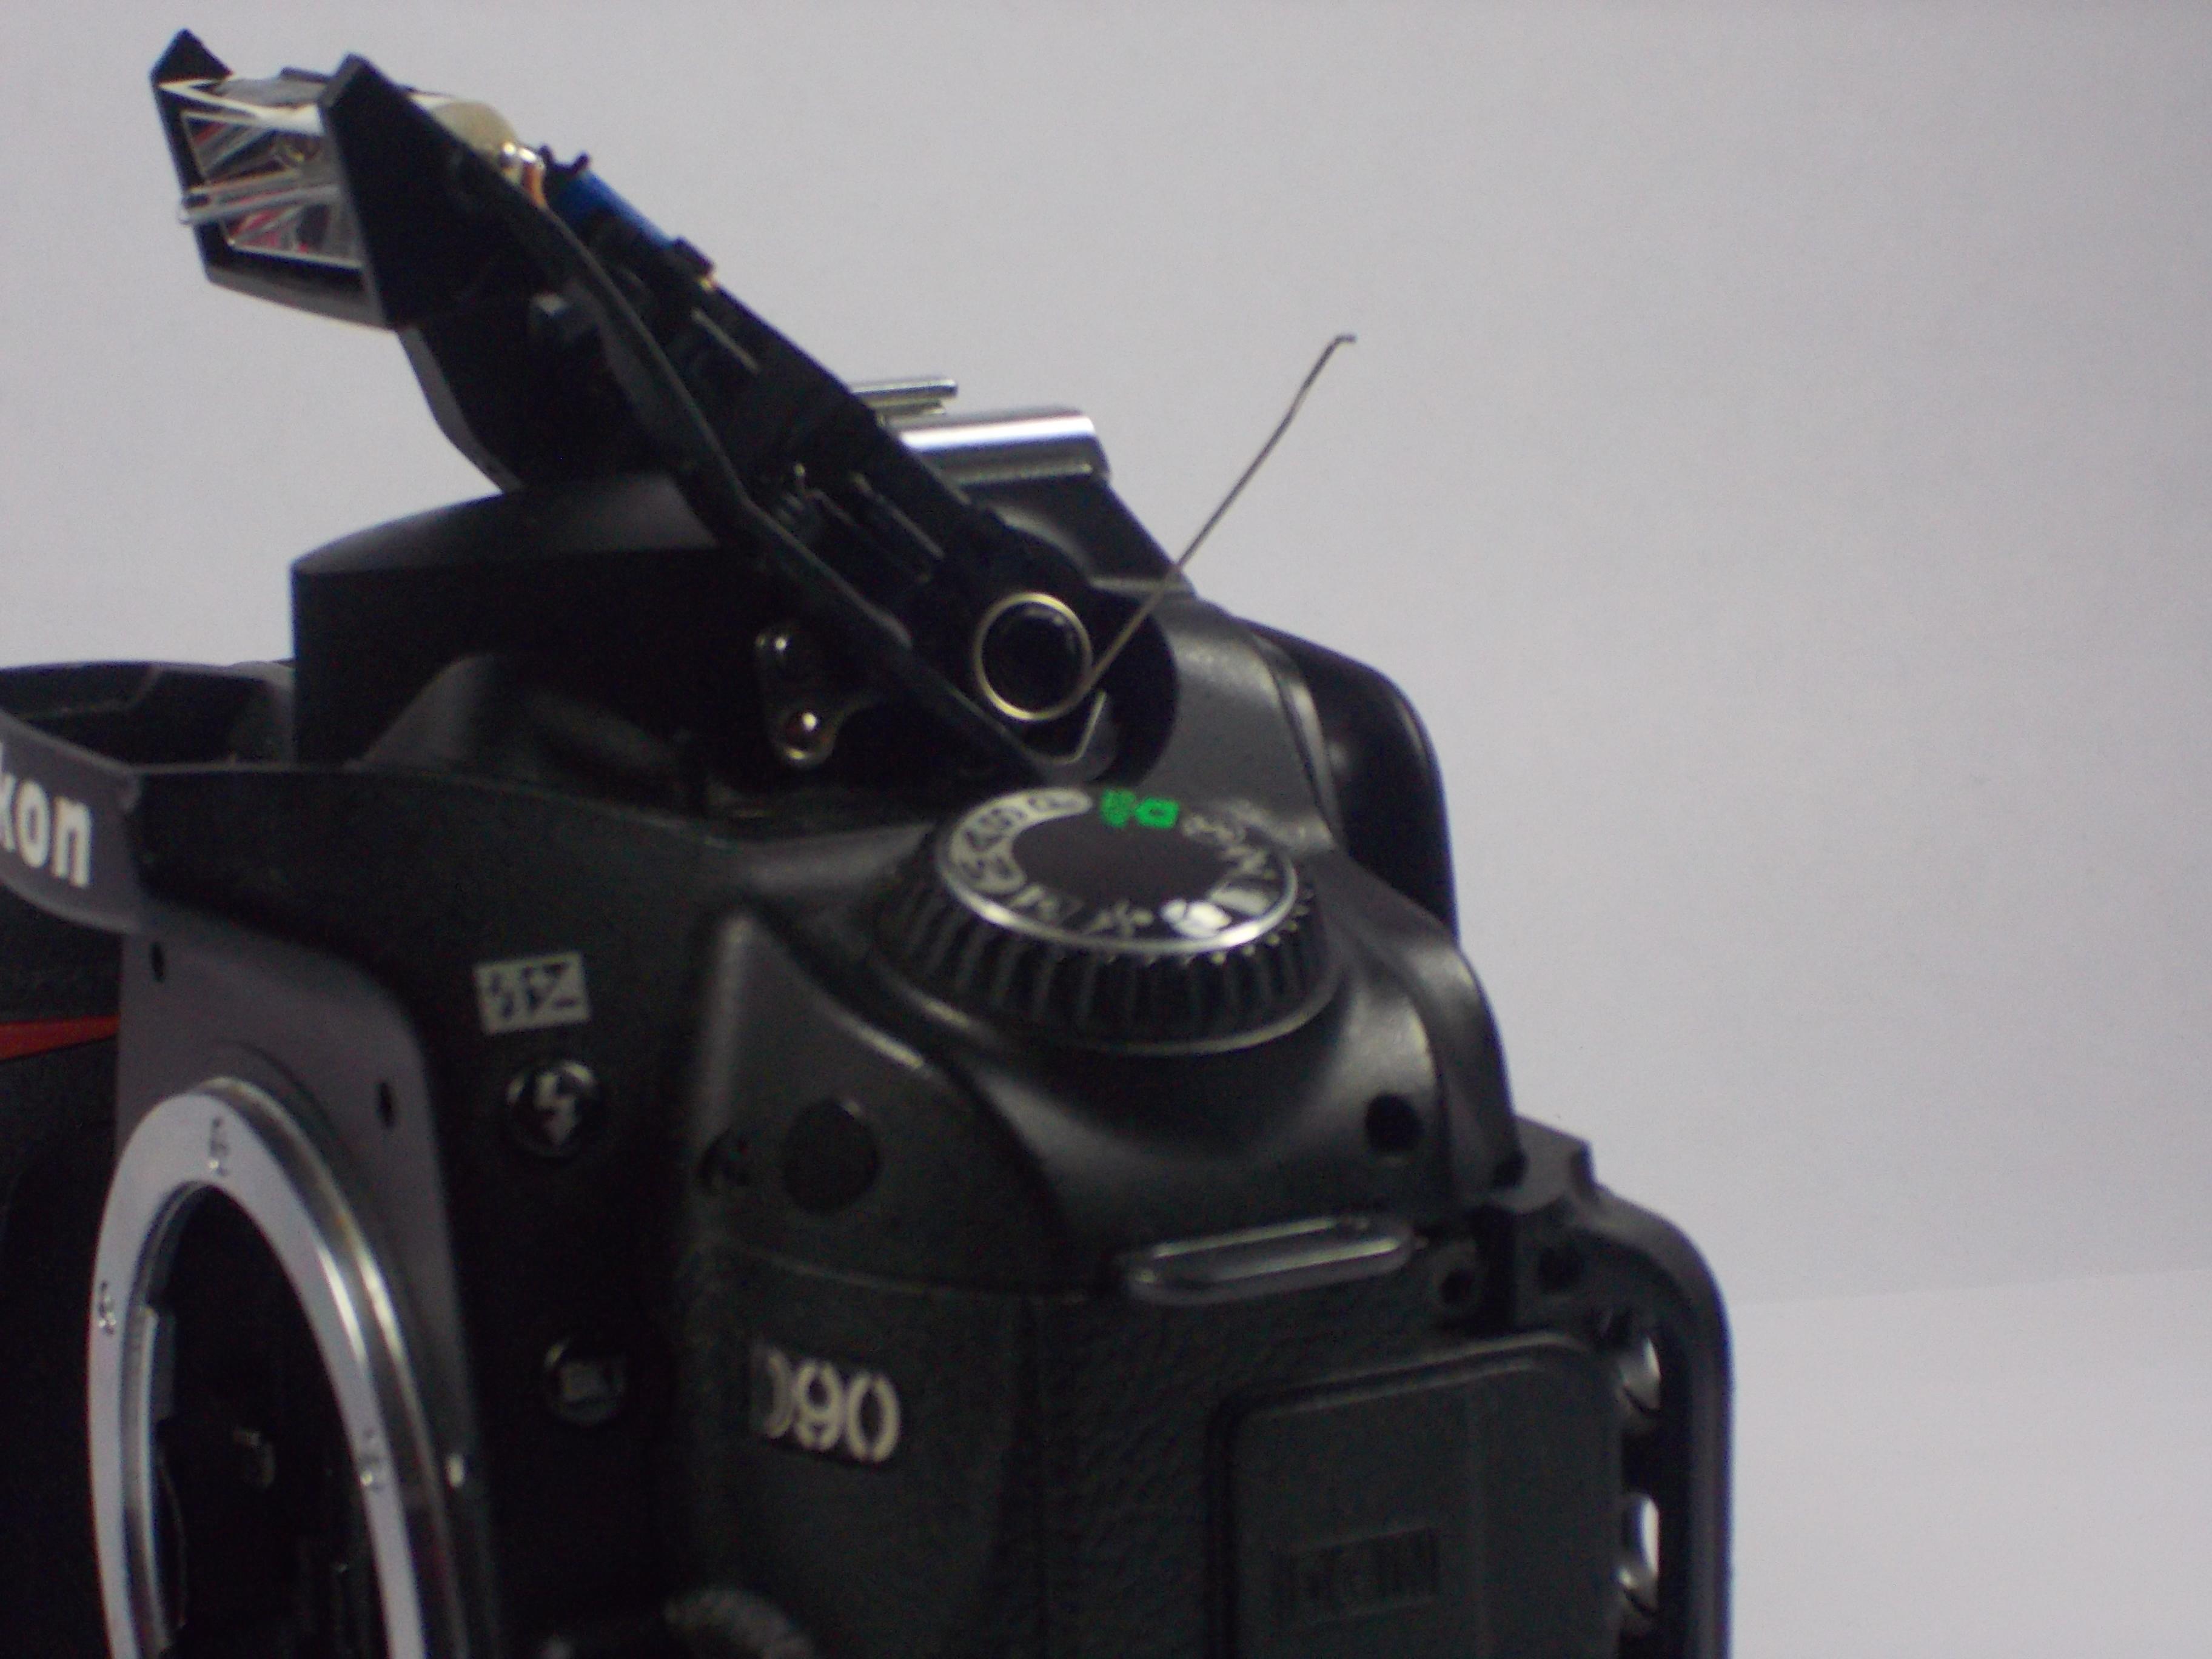 Nikon d90 repair ifixit flash hinge spring baditri Images